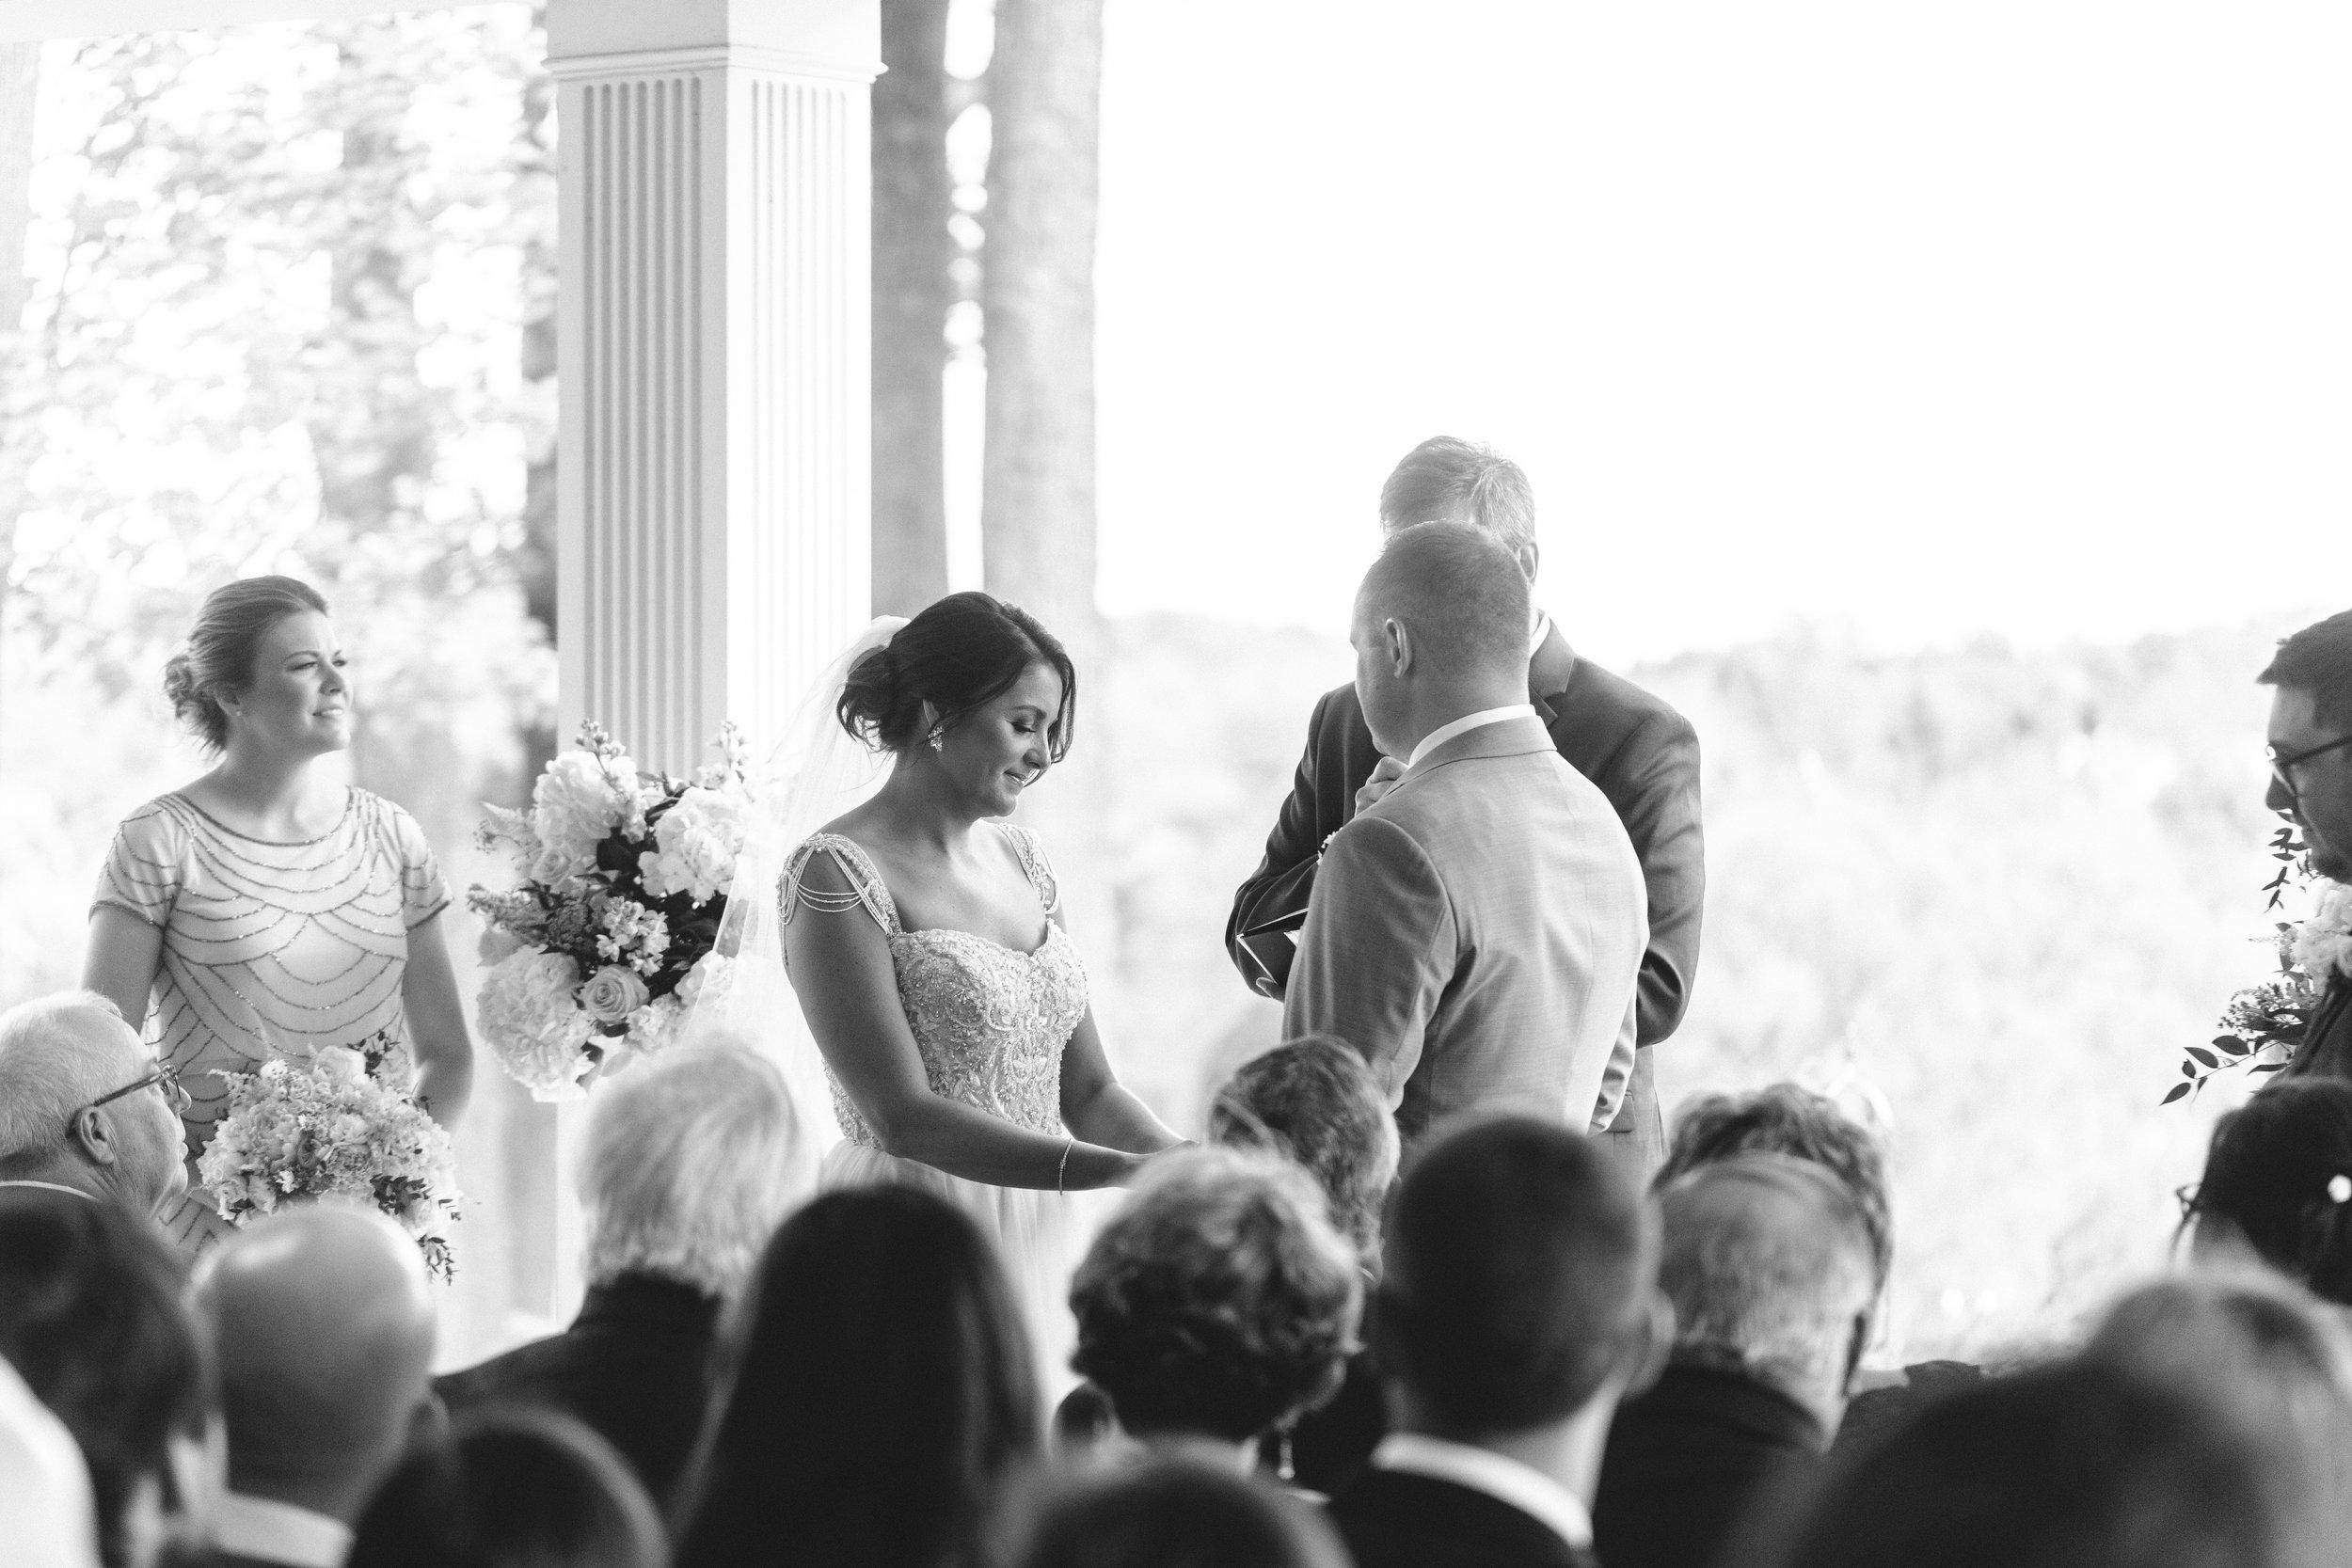 jessicaandchris_wedding (577 of 1021).jpg